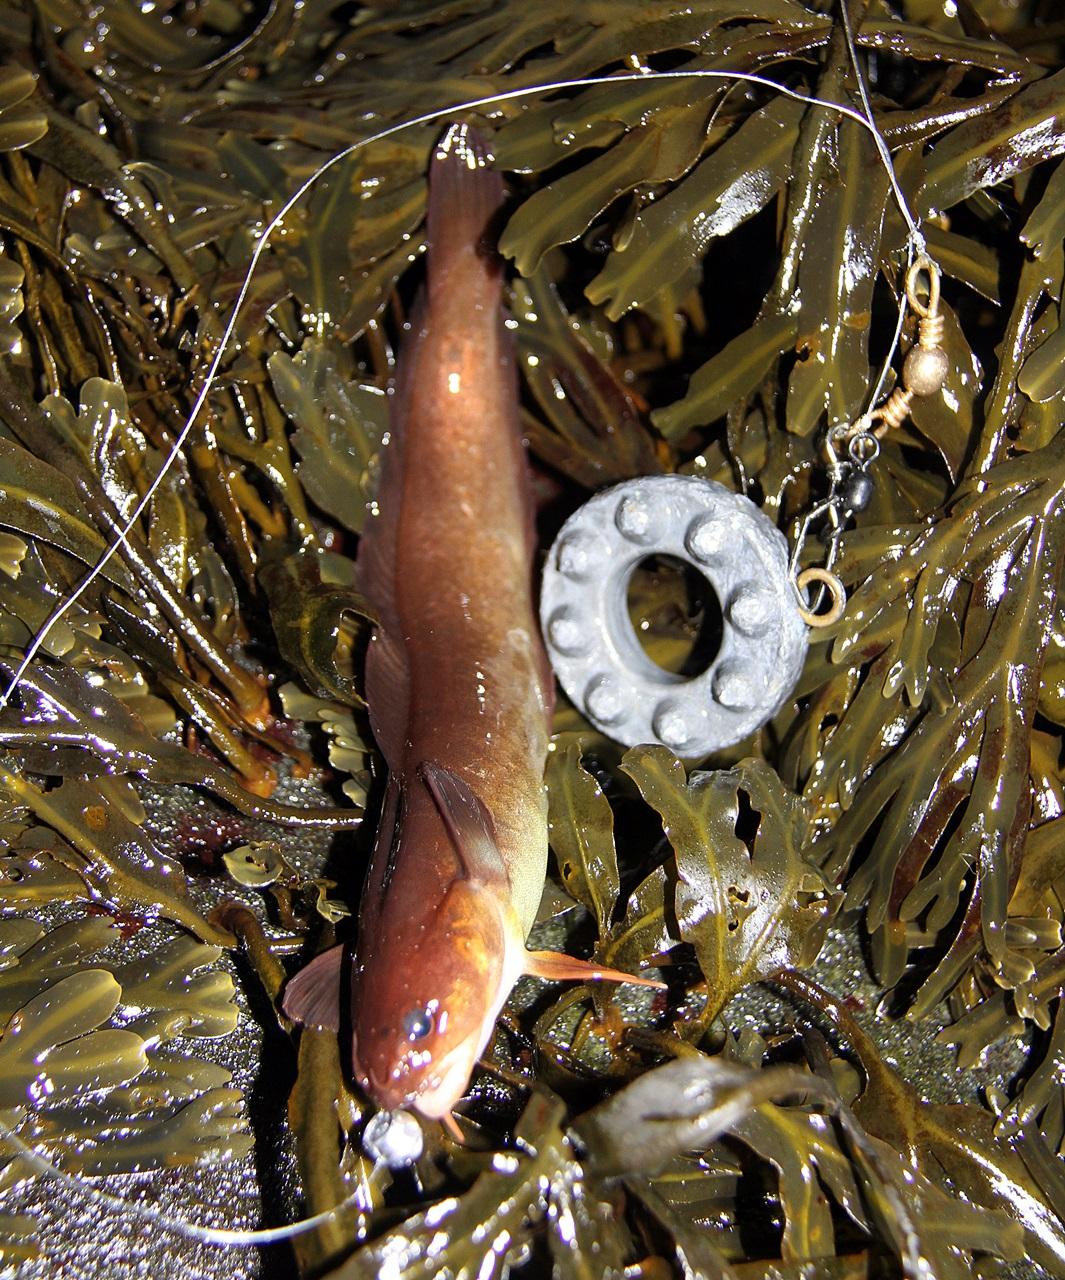 tangbrosmene er små krabater som vanligvis veier 30-50 gram her nede